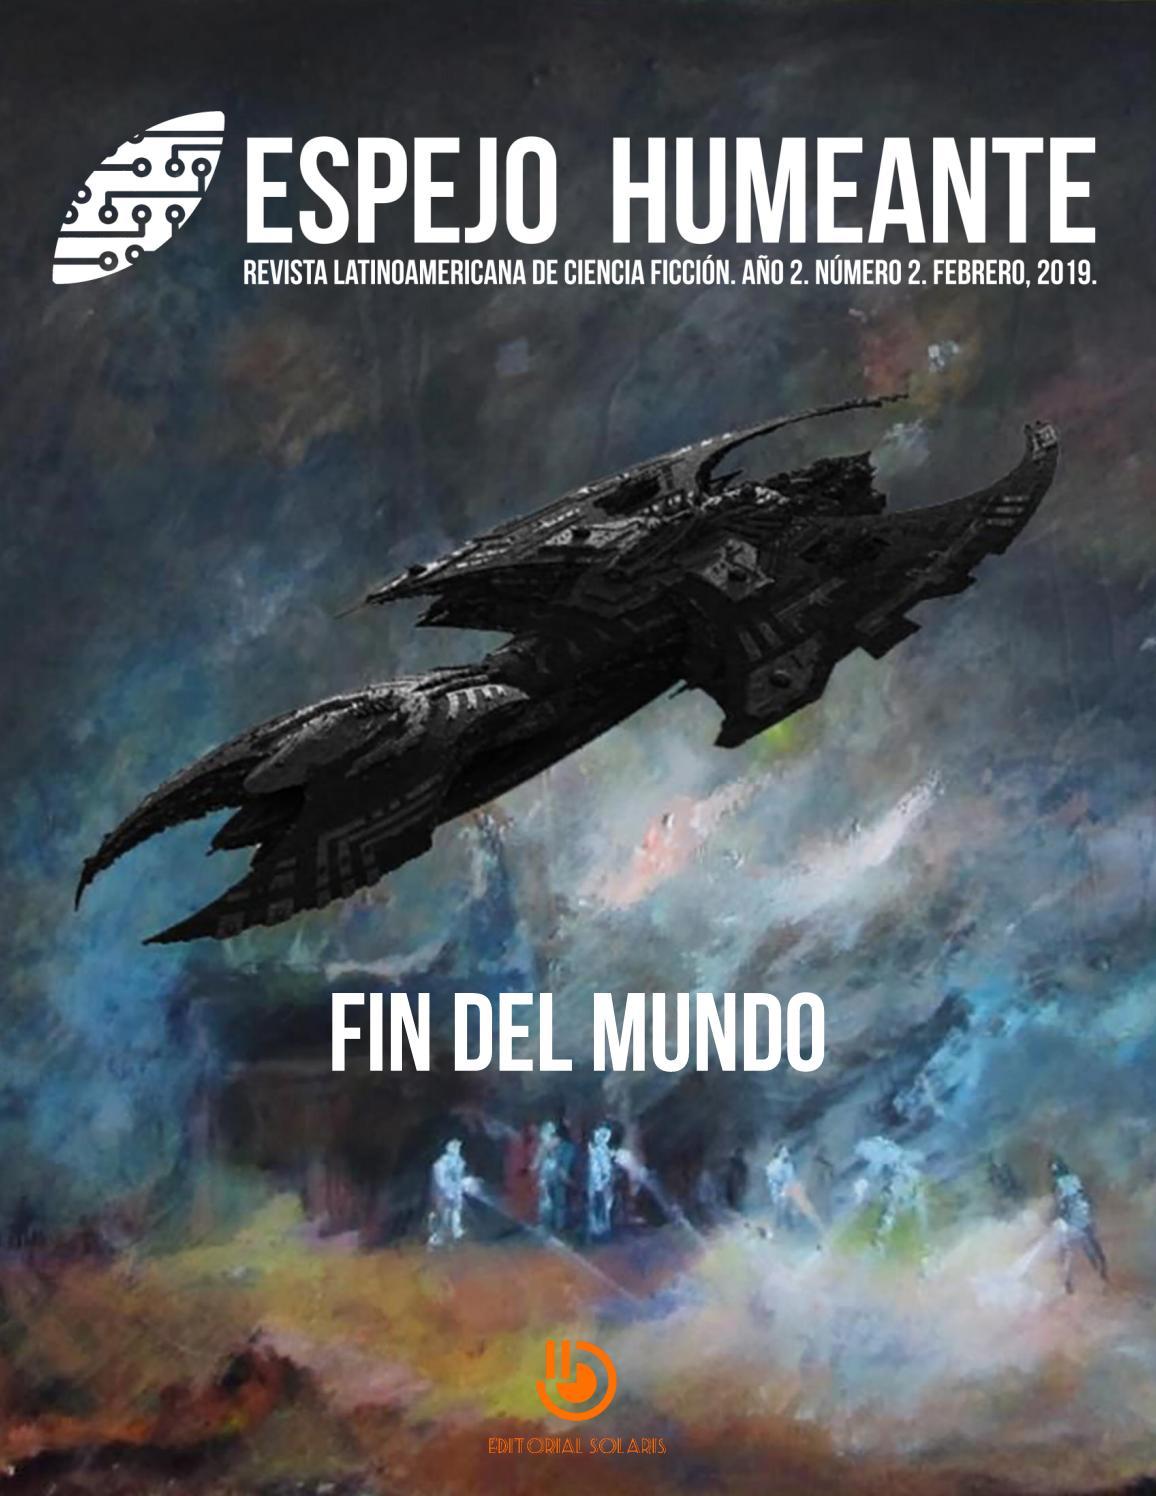 Revista Espejo Humeante, Número 2, Febrero 2019 by Revista Espejo Humeante  - issuu